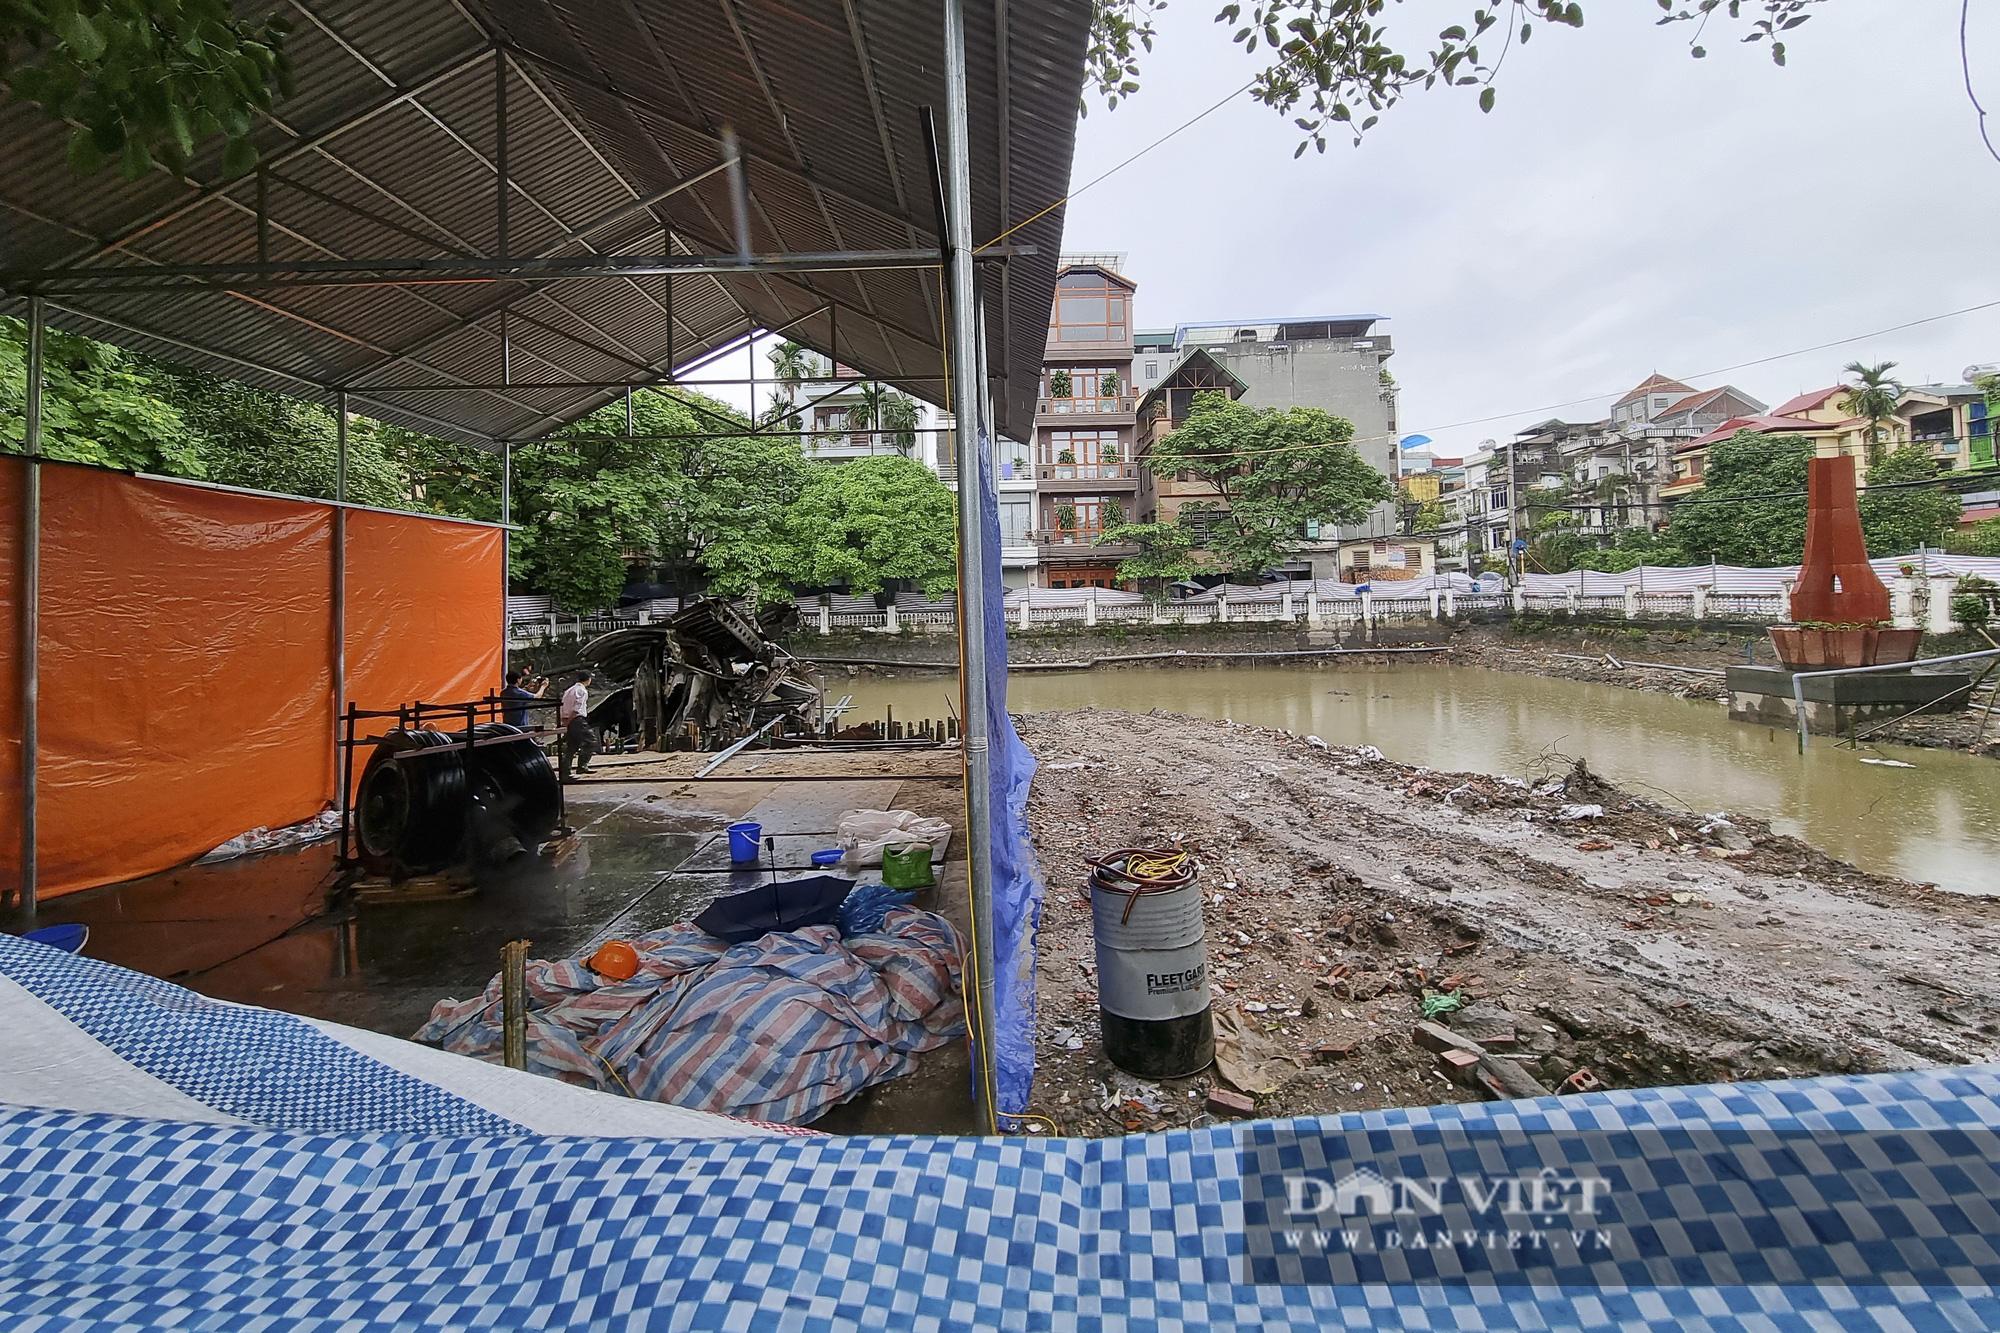 Hồ Hữu Tiệp, nơi xác máy bay B52 bị bắn rơi tại Hà Nội được tu bổ, tôn tạo - Ảnh 2.